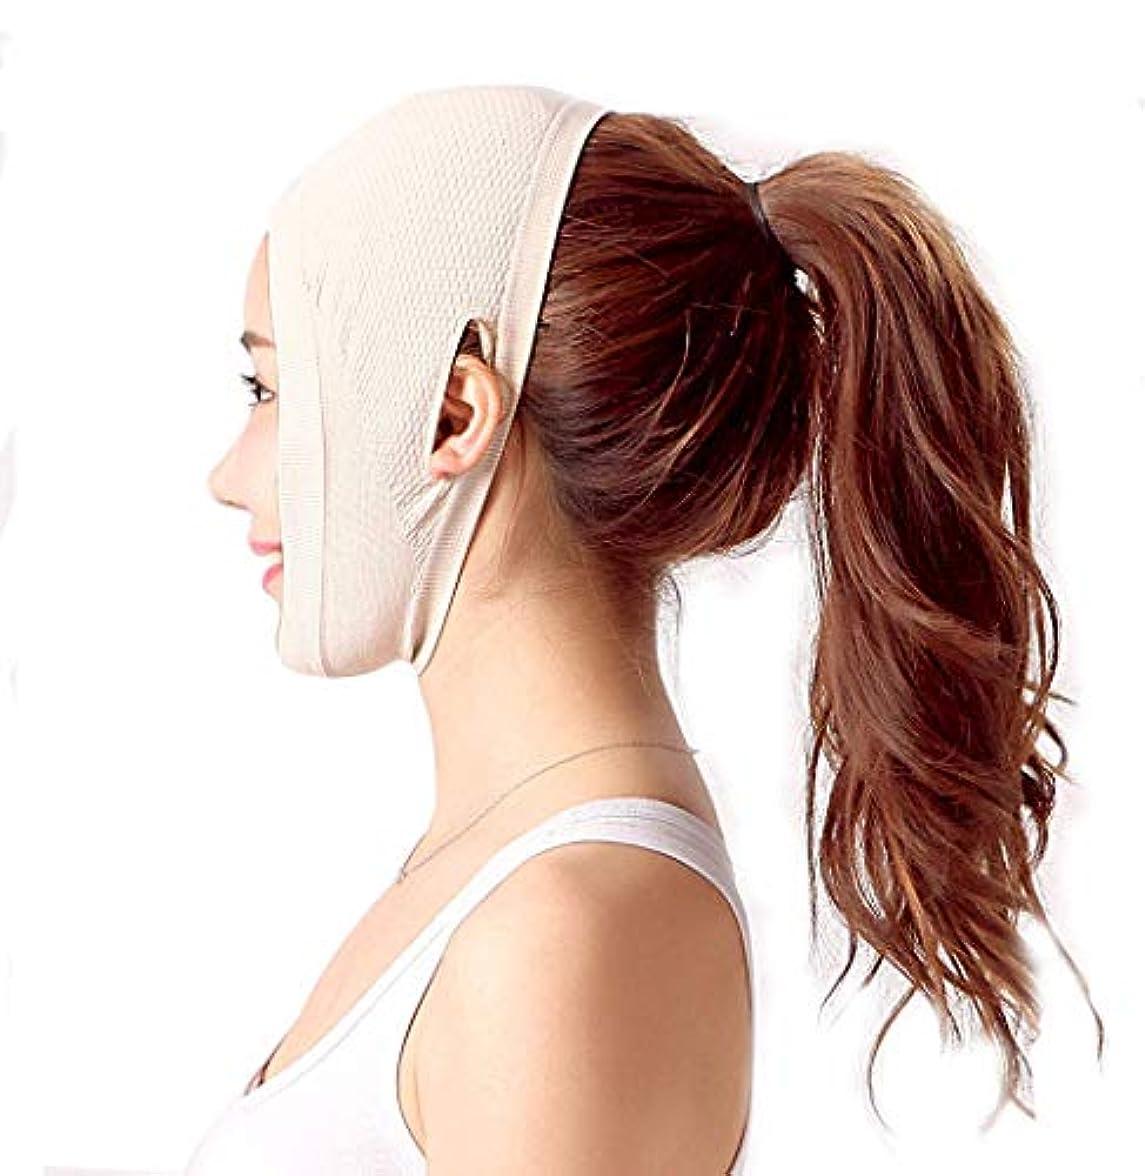 のれんペダルエロチック整形外科手術後の回復ヘッドギア医療マスク睡眠Vフェイスリフティング包帯薄いフェイスマスク(サイズ:肌の色(A)),肌の色調(A)